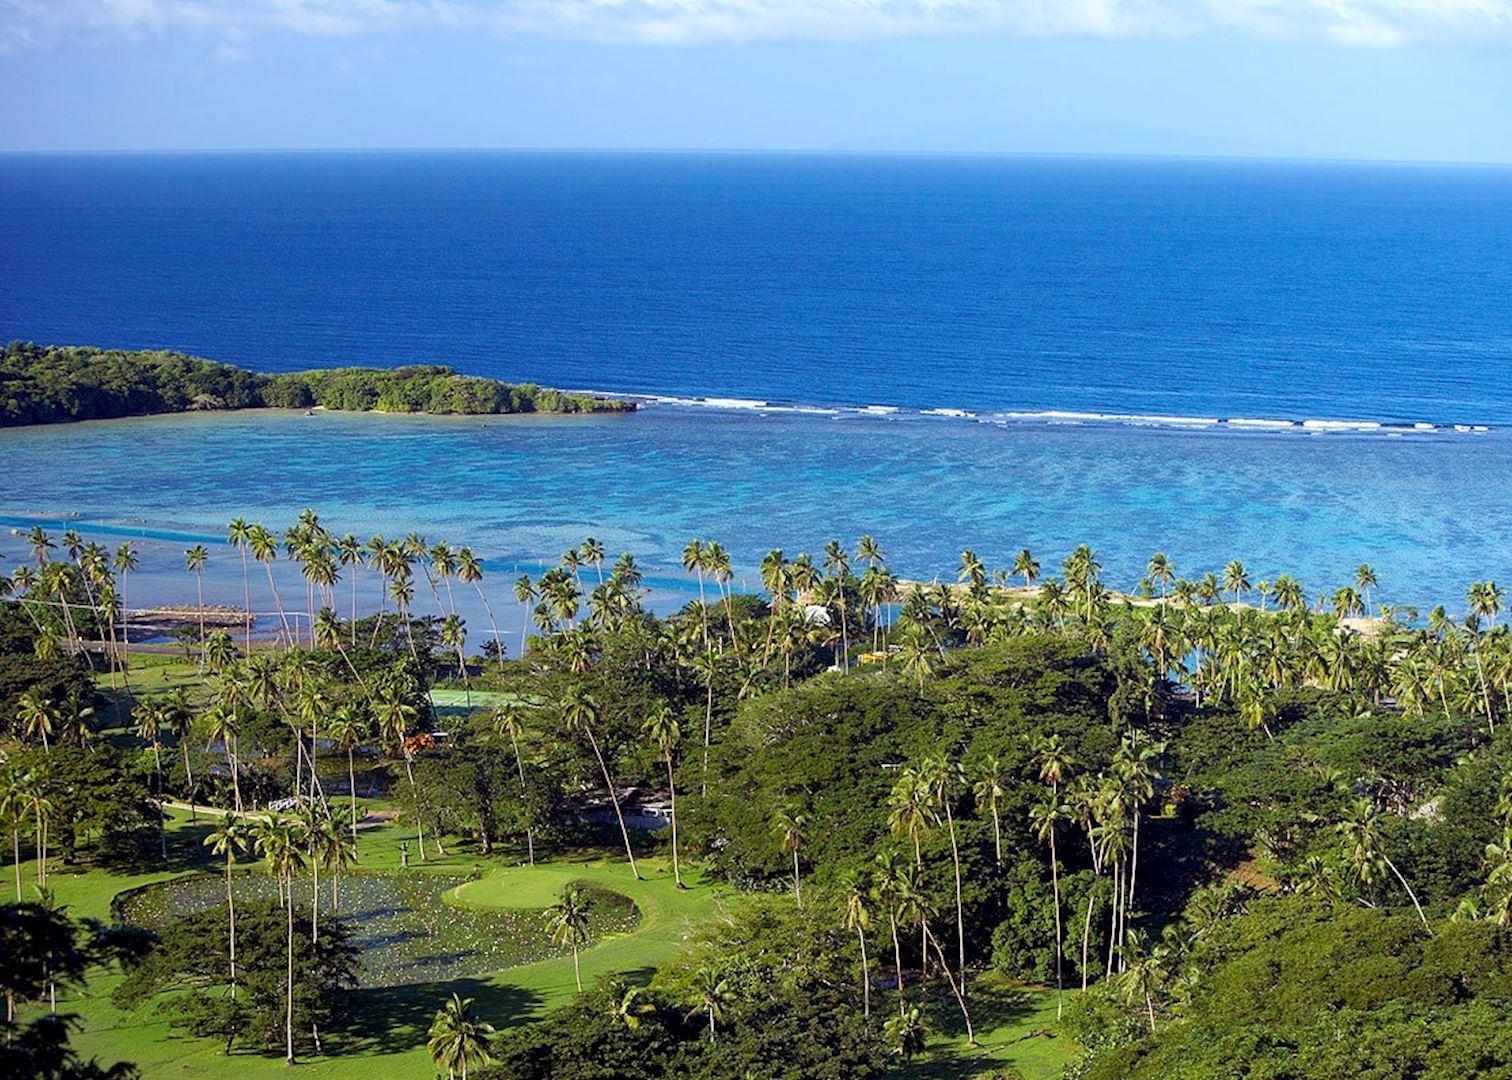 Vanua Levu and Navadra Islands, Fiji  № 824205 бесплатно